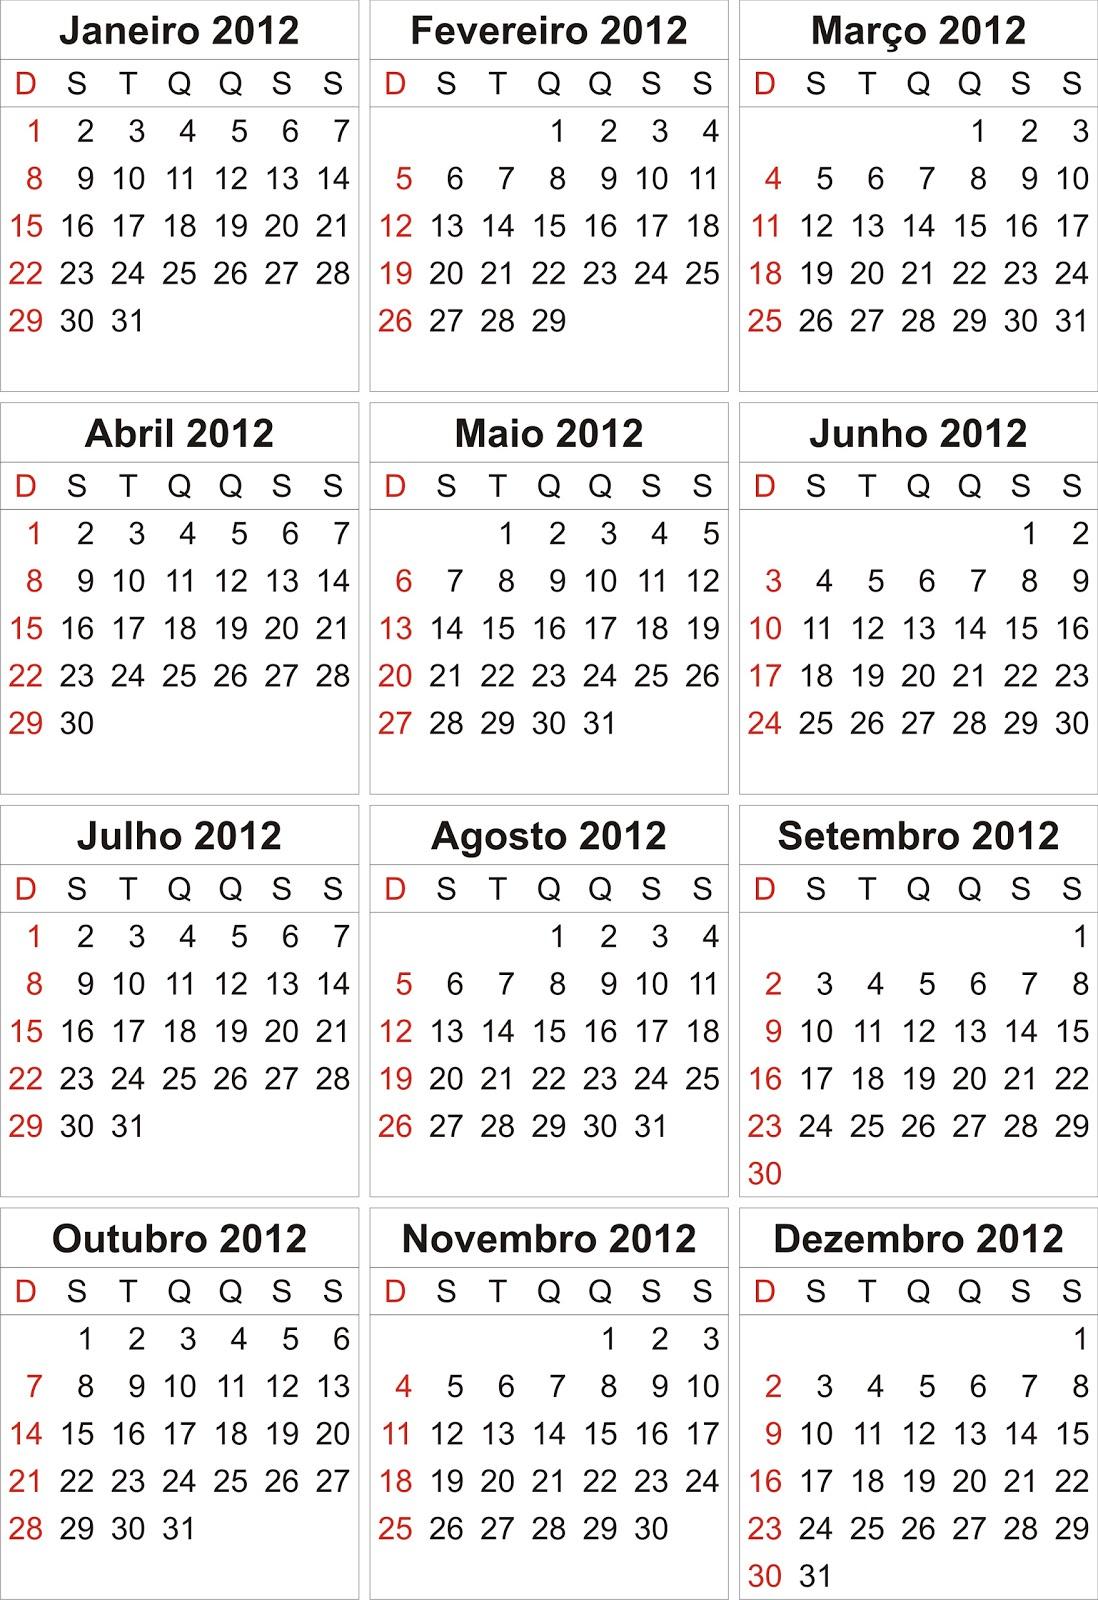 http://3.bp.blogspot.com/_XACrgAsFNFU/TKOA0kKQALI/AAAAAAAAAeA/iSIMxJwGXUE/s1600/calendario+2012.jpg